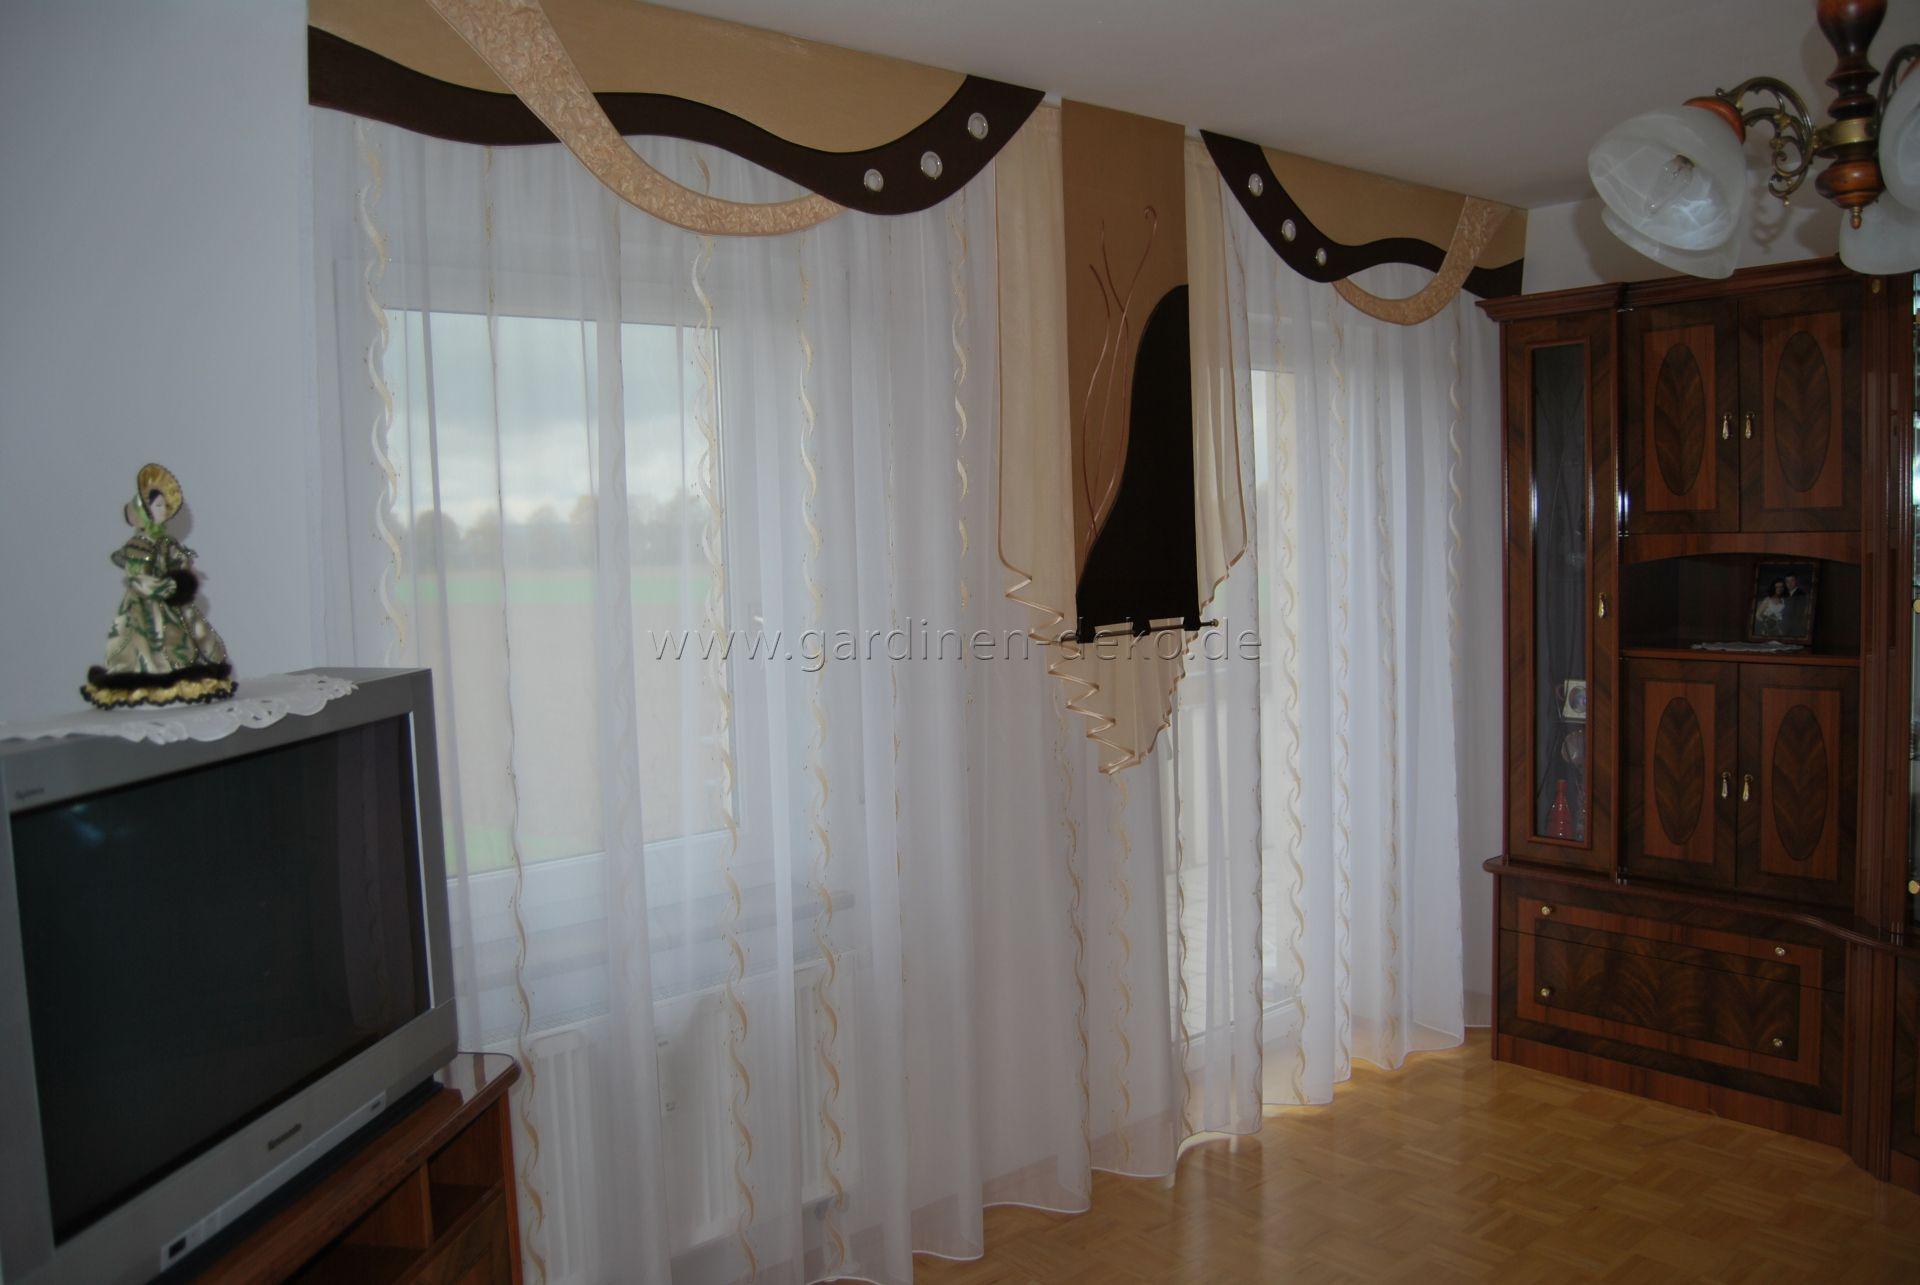 klassischer wohnzimmer vorhang mit braun-beige tönen und ... - Klassik Wohnzimmer Braun Weiss